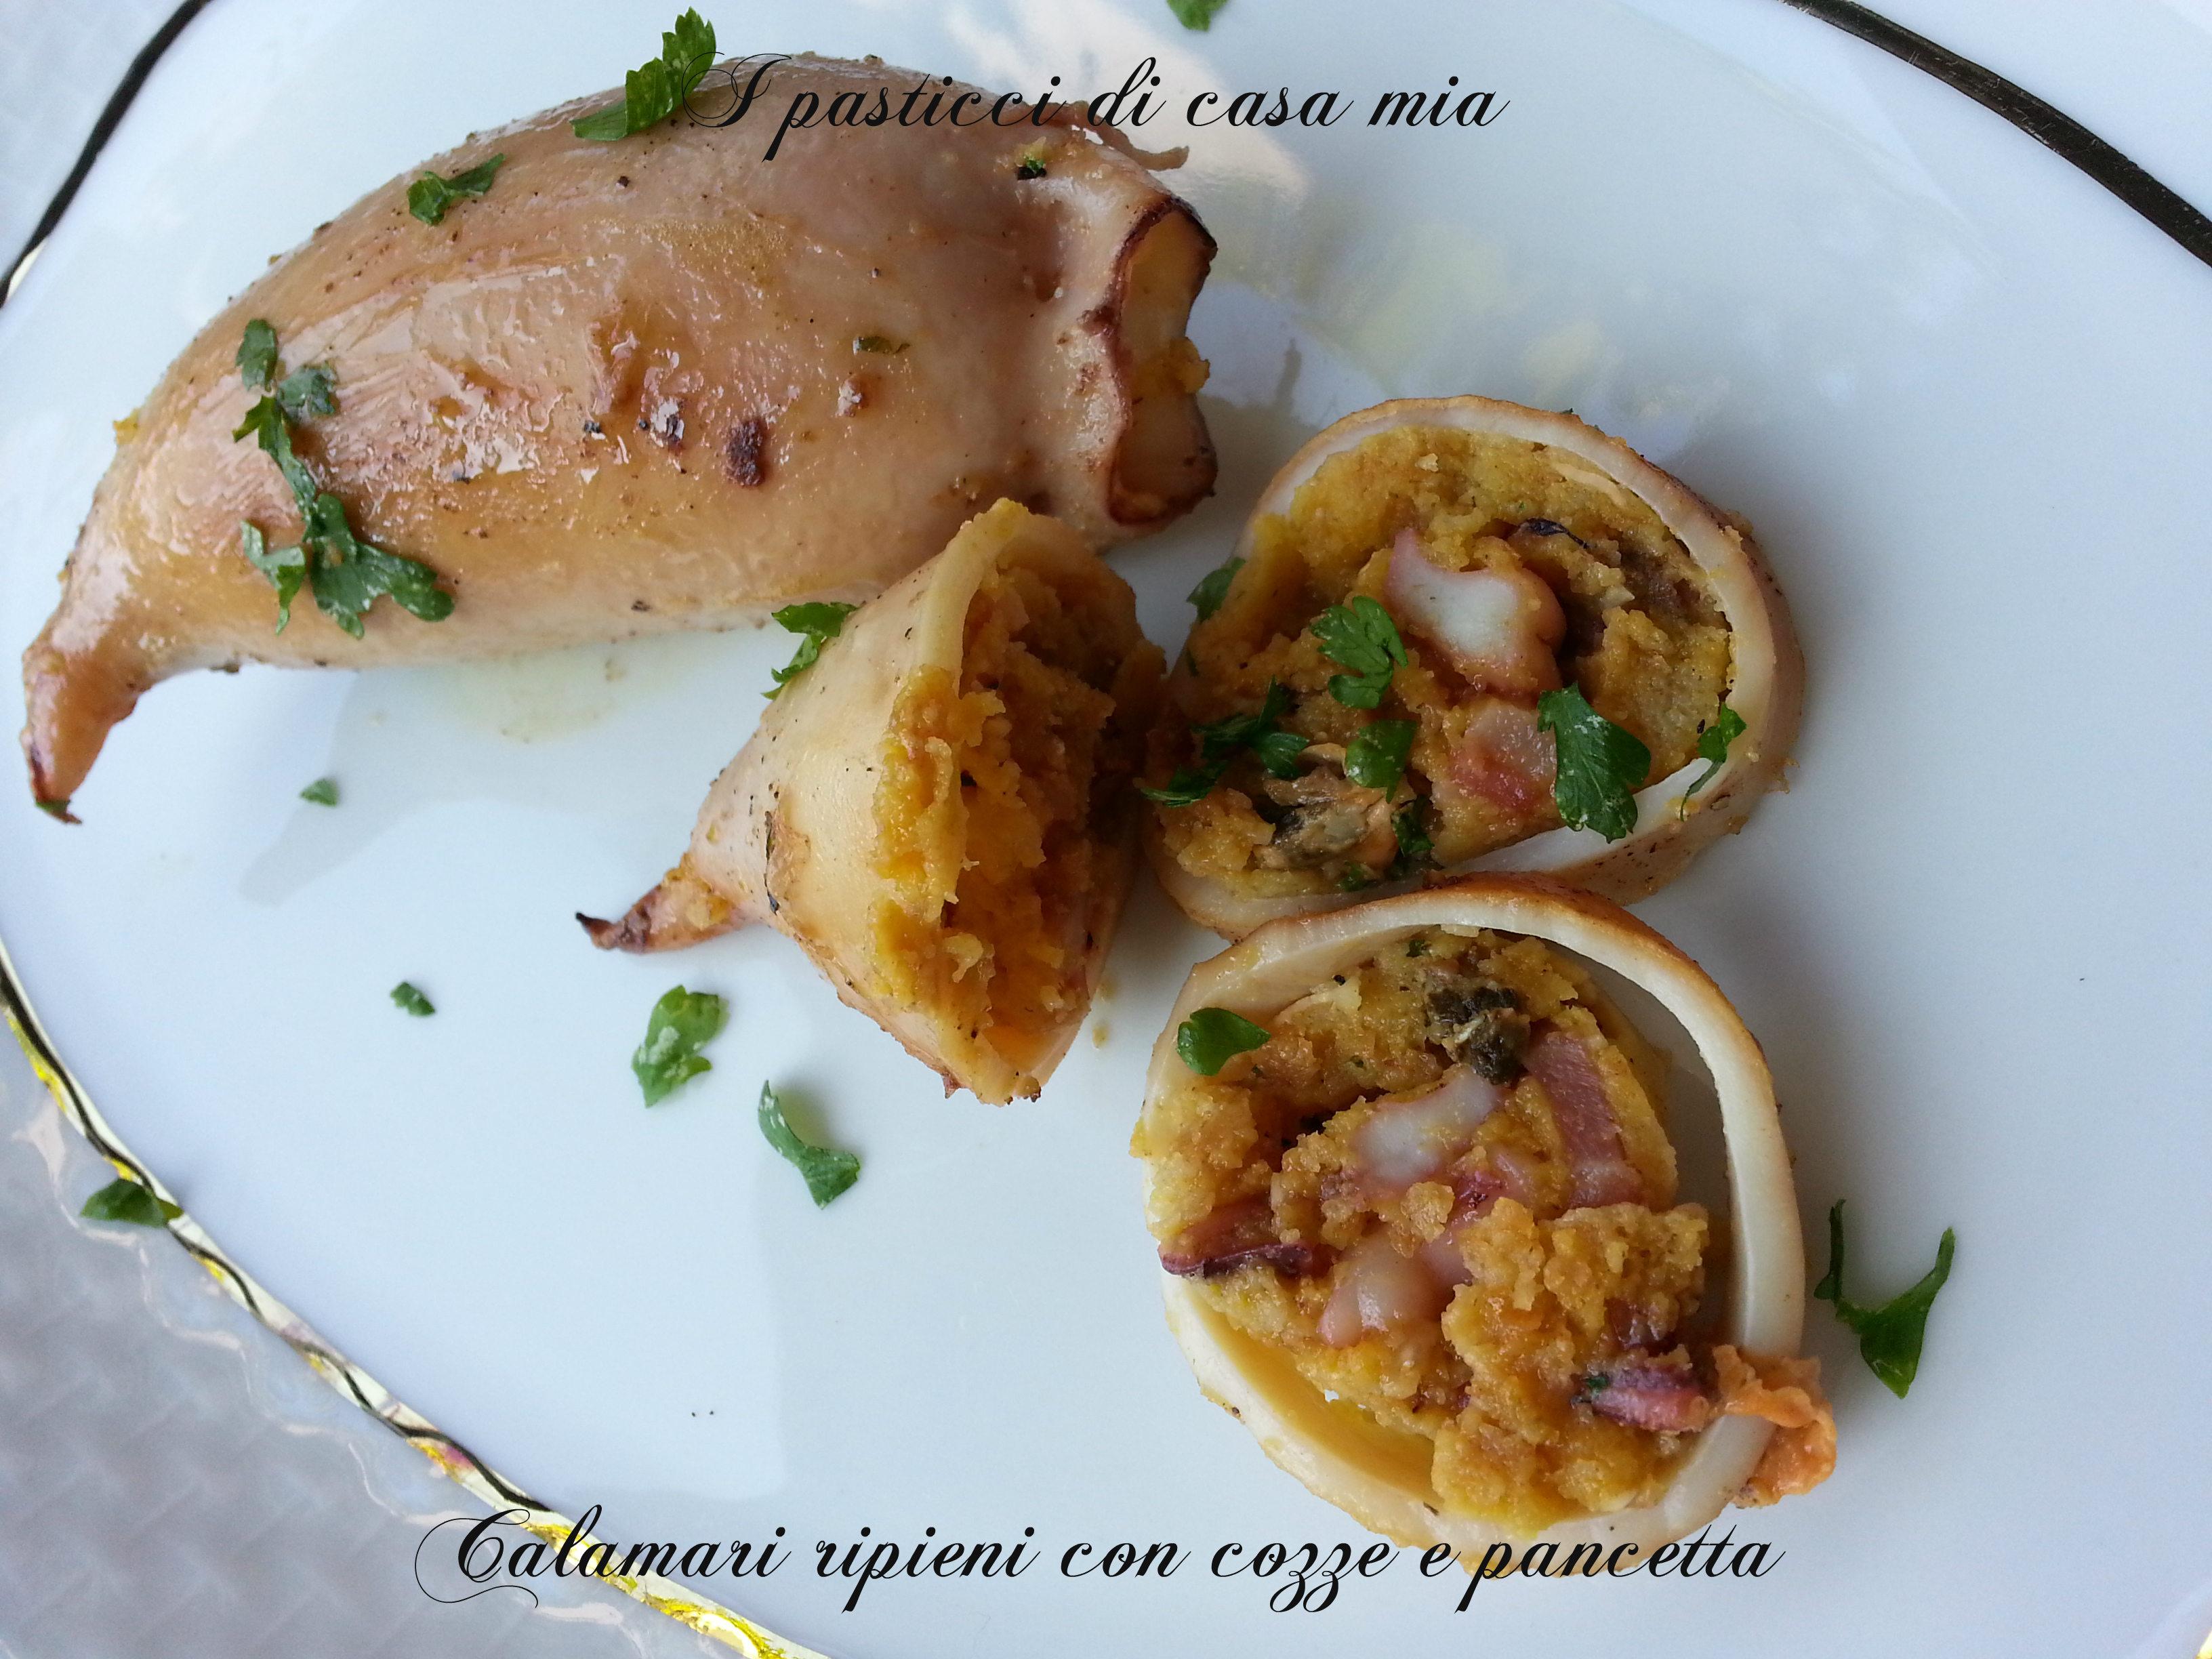 Calamari ripieni con cozze e pancetta